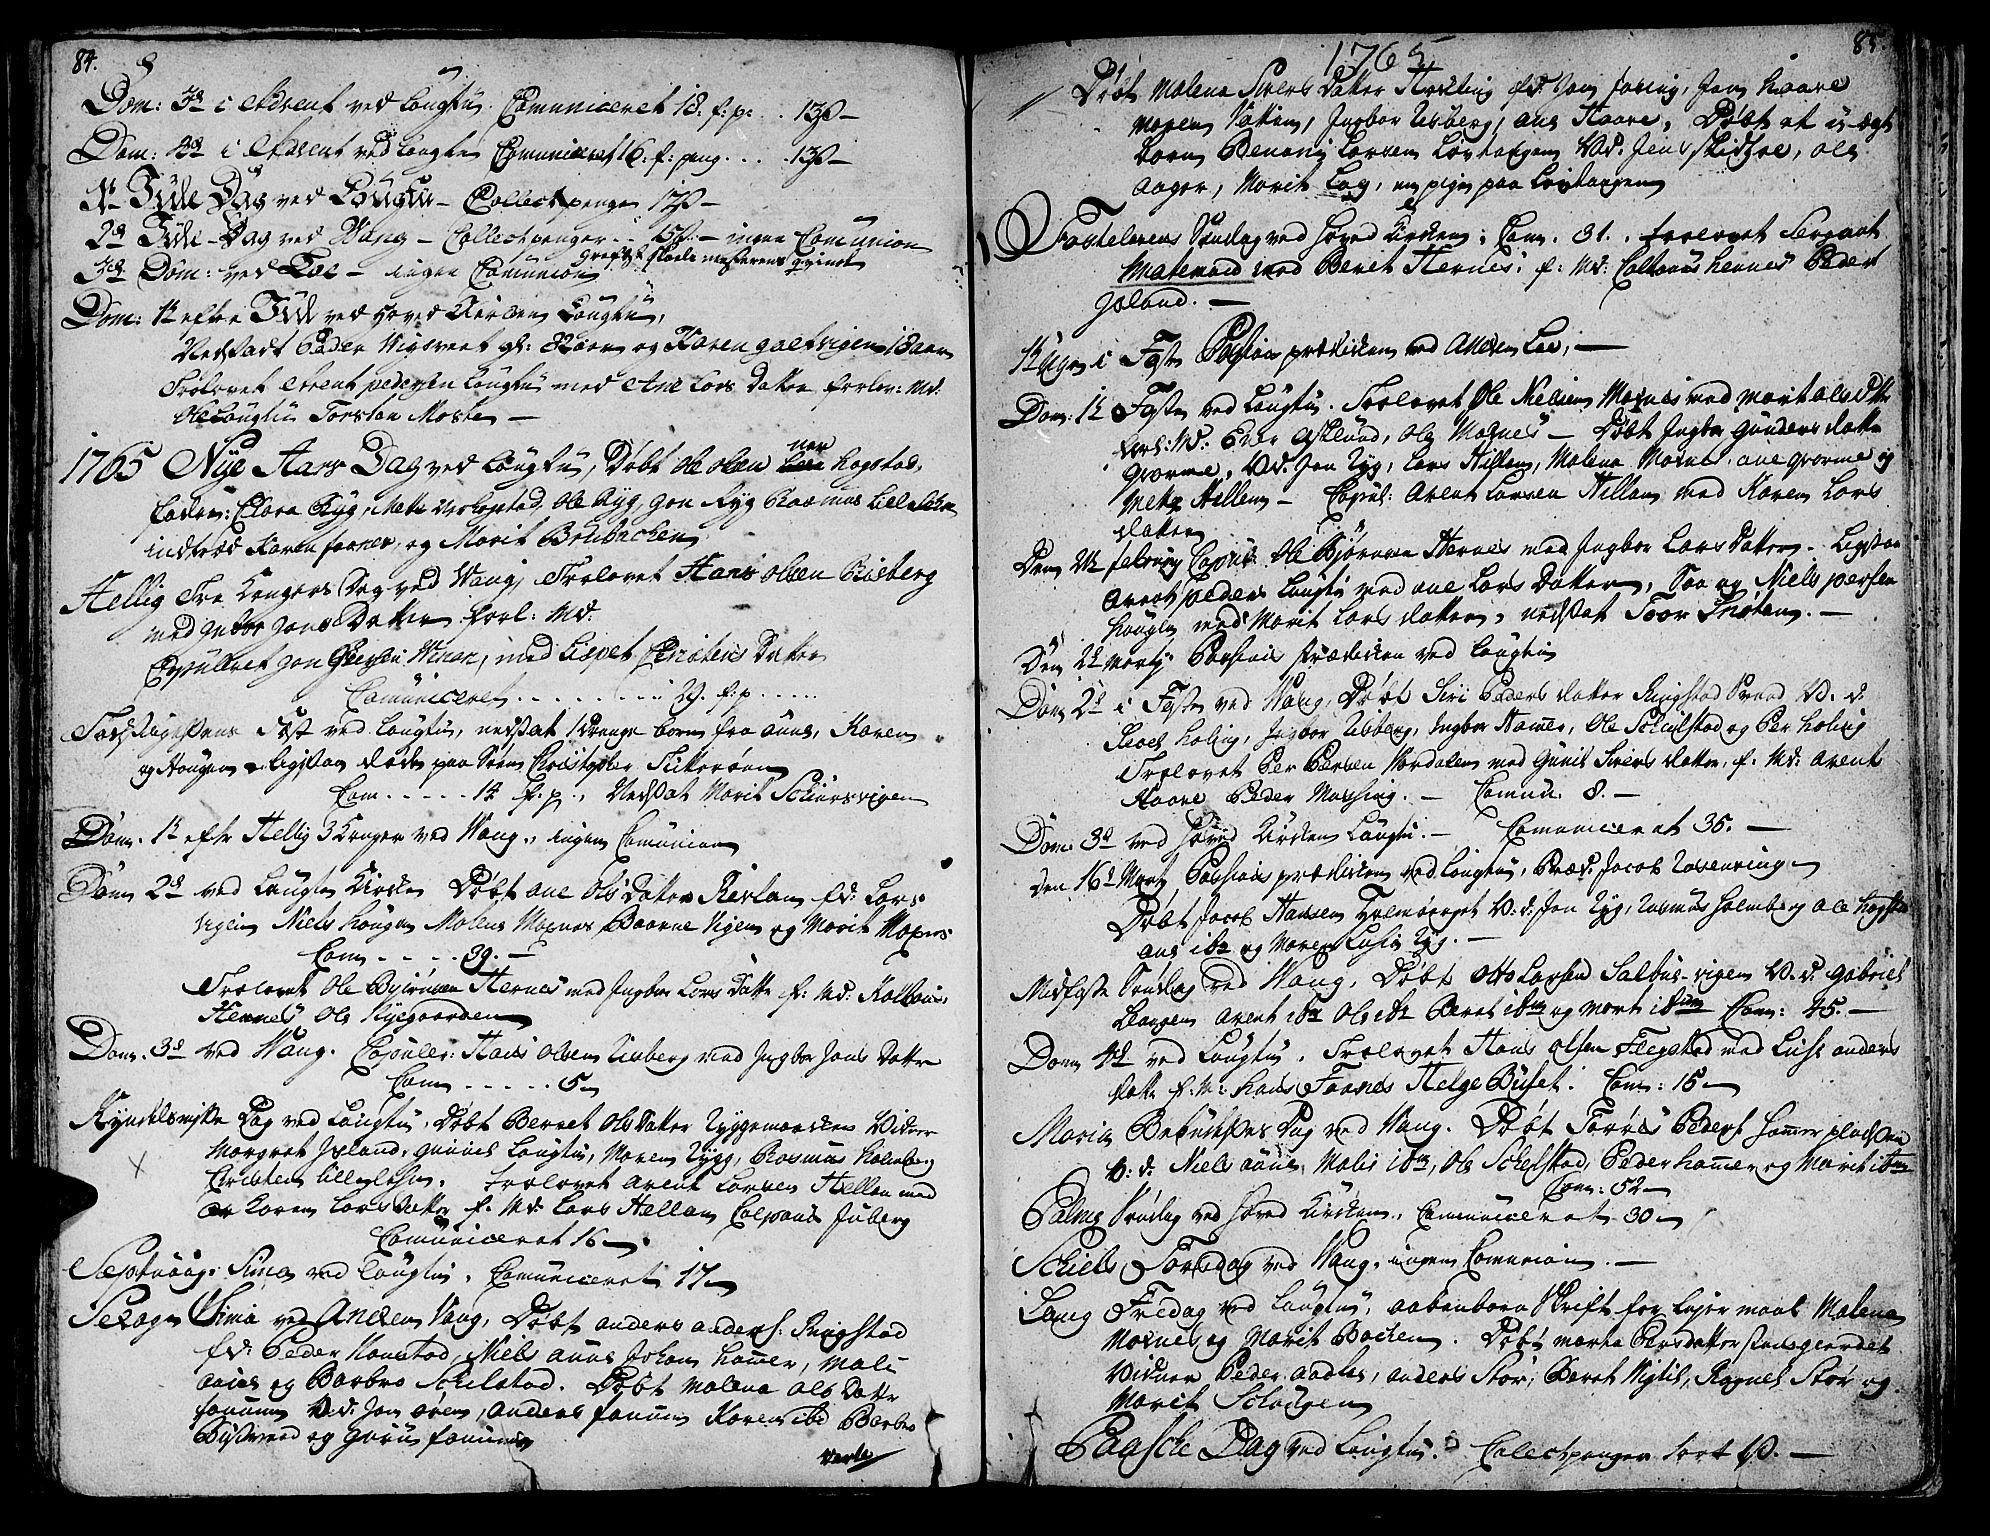 SAT, Ministerialprotokoller, klokkerbøker og fødselsregistre - Nord-Trøndelag, 713/L0109: Ministerialbok nr. 713A01, 1750-1778, s. 84-85